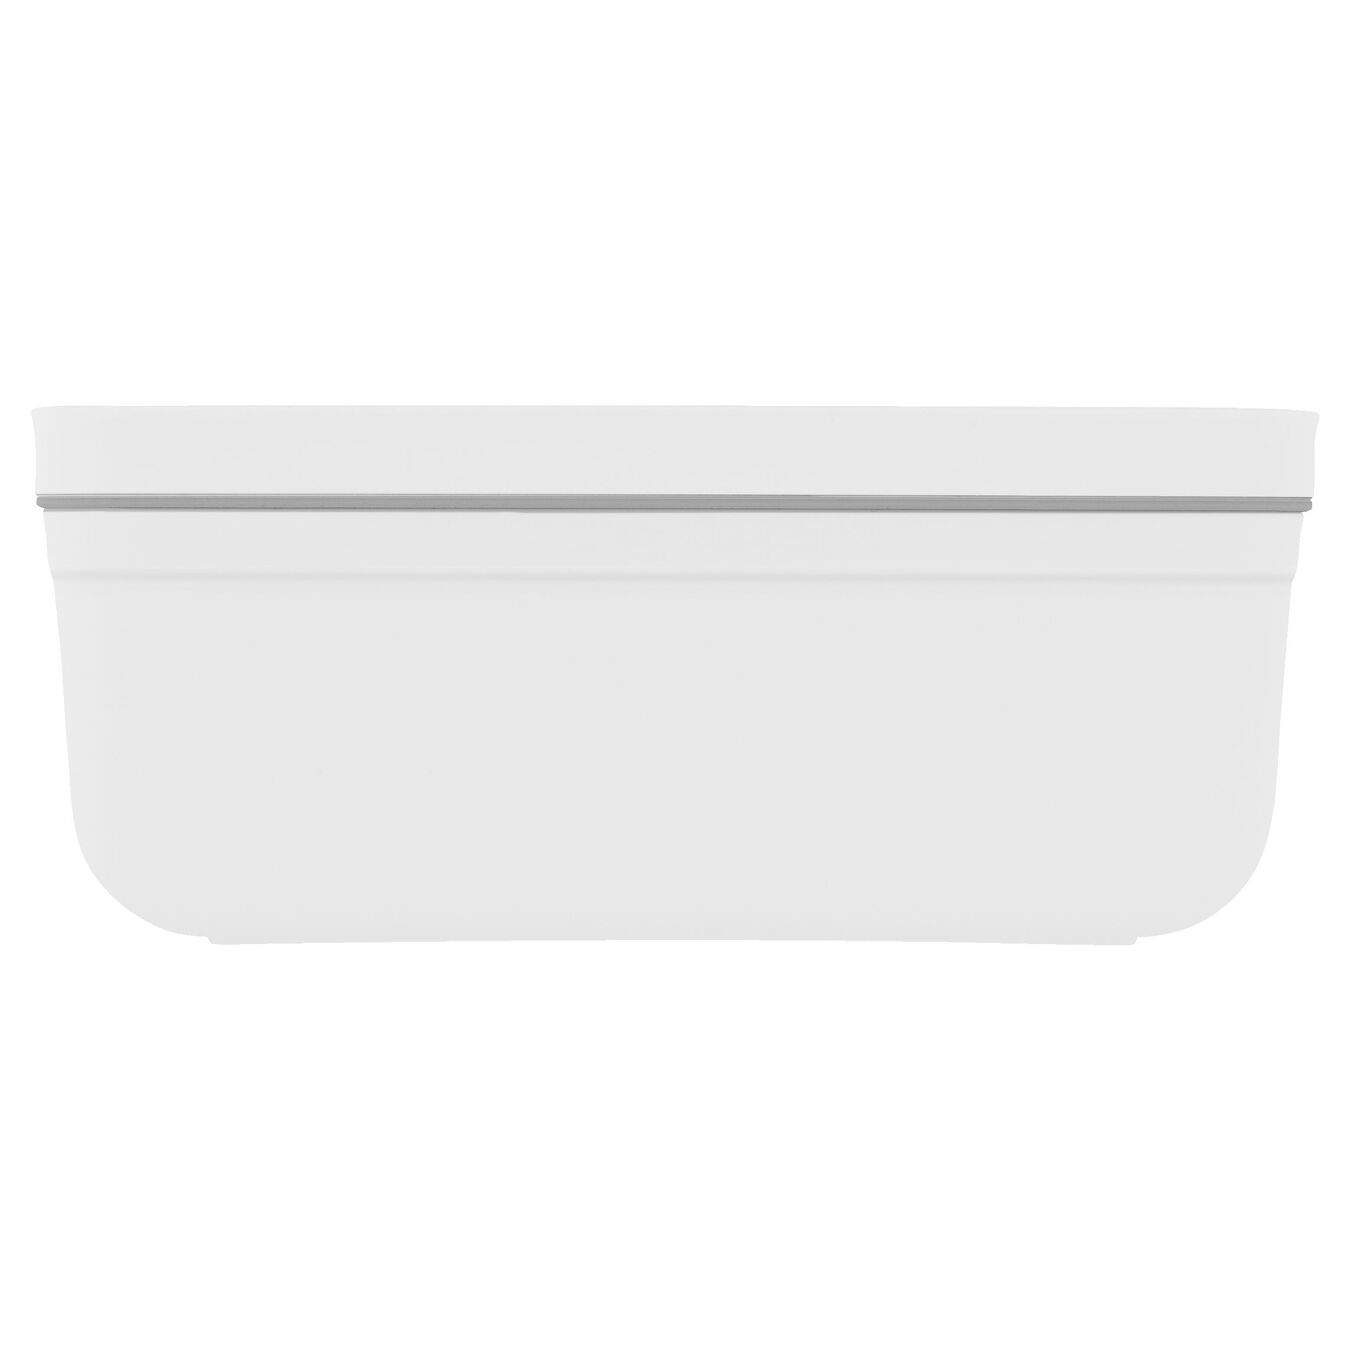 medium Vacuum lunch box, plastic, white,,large 3